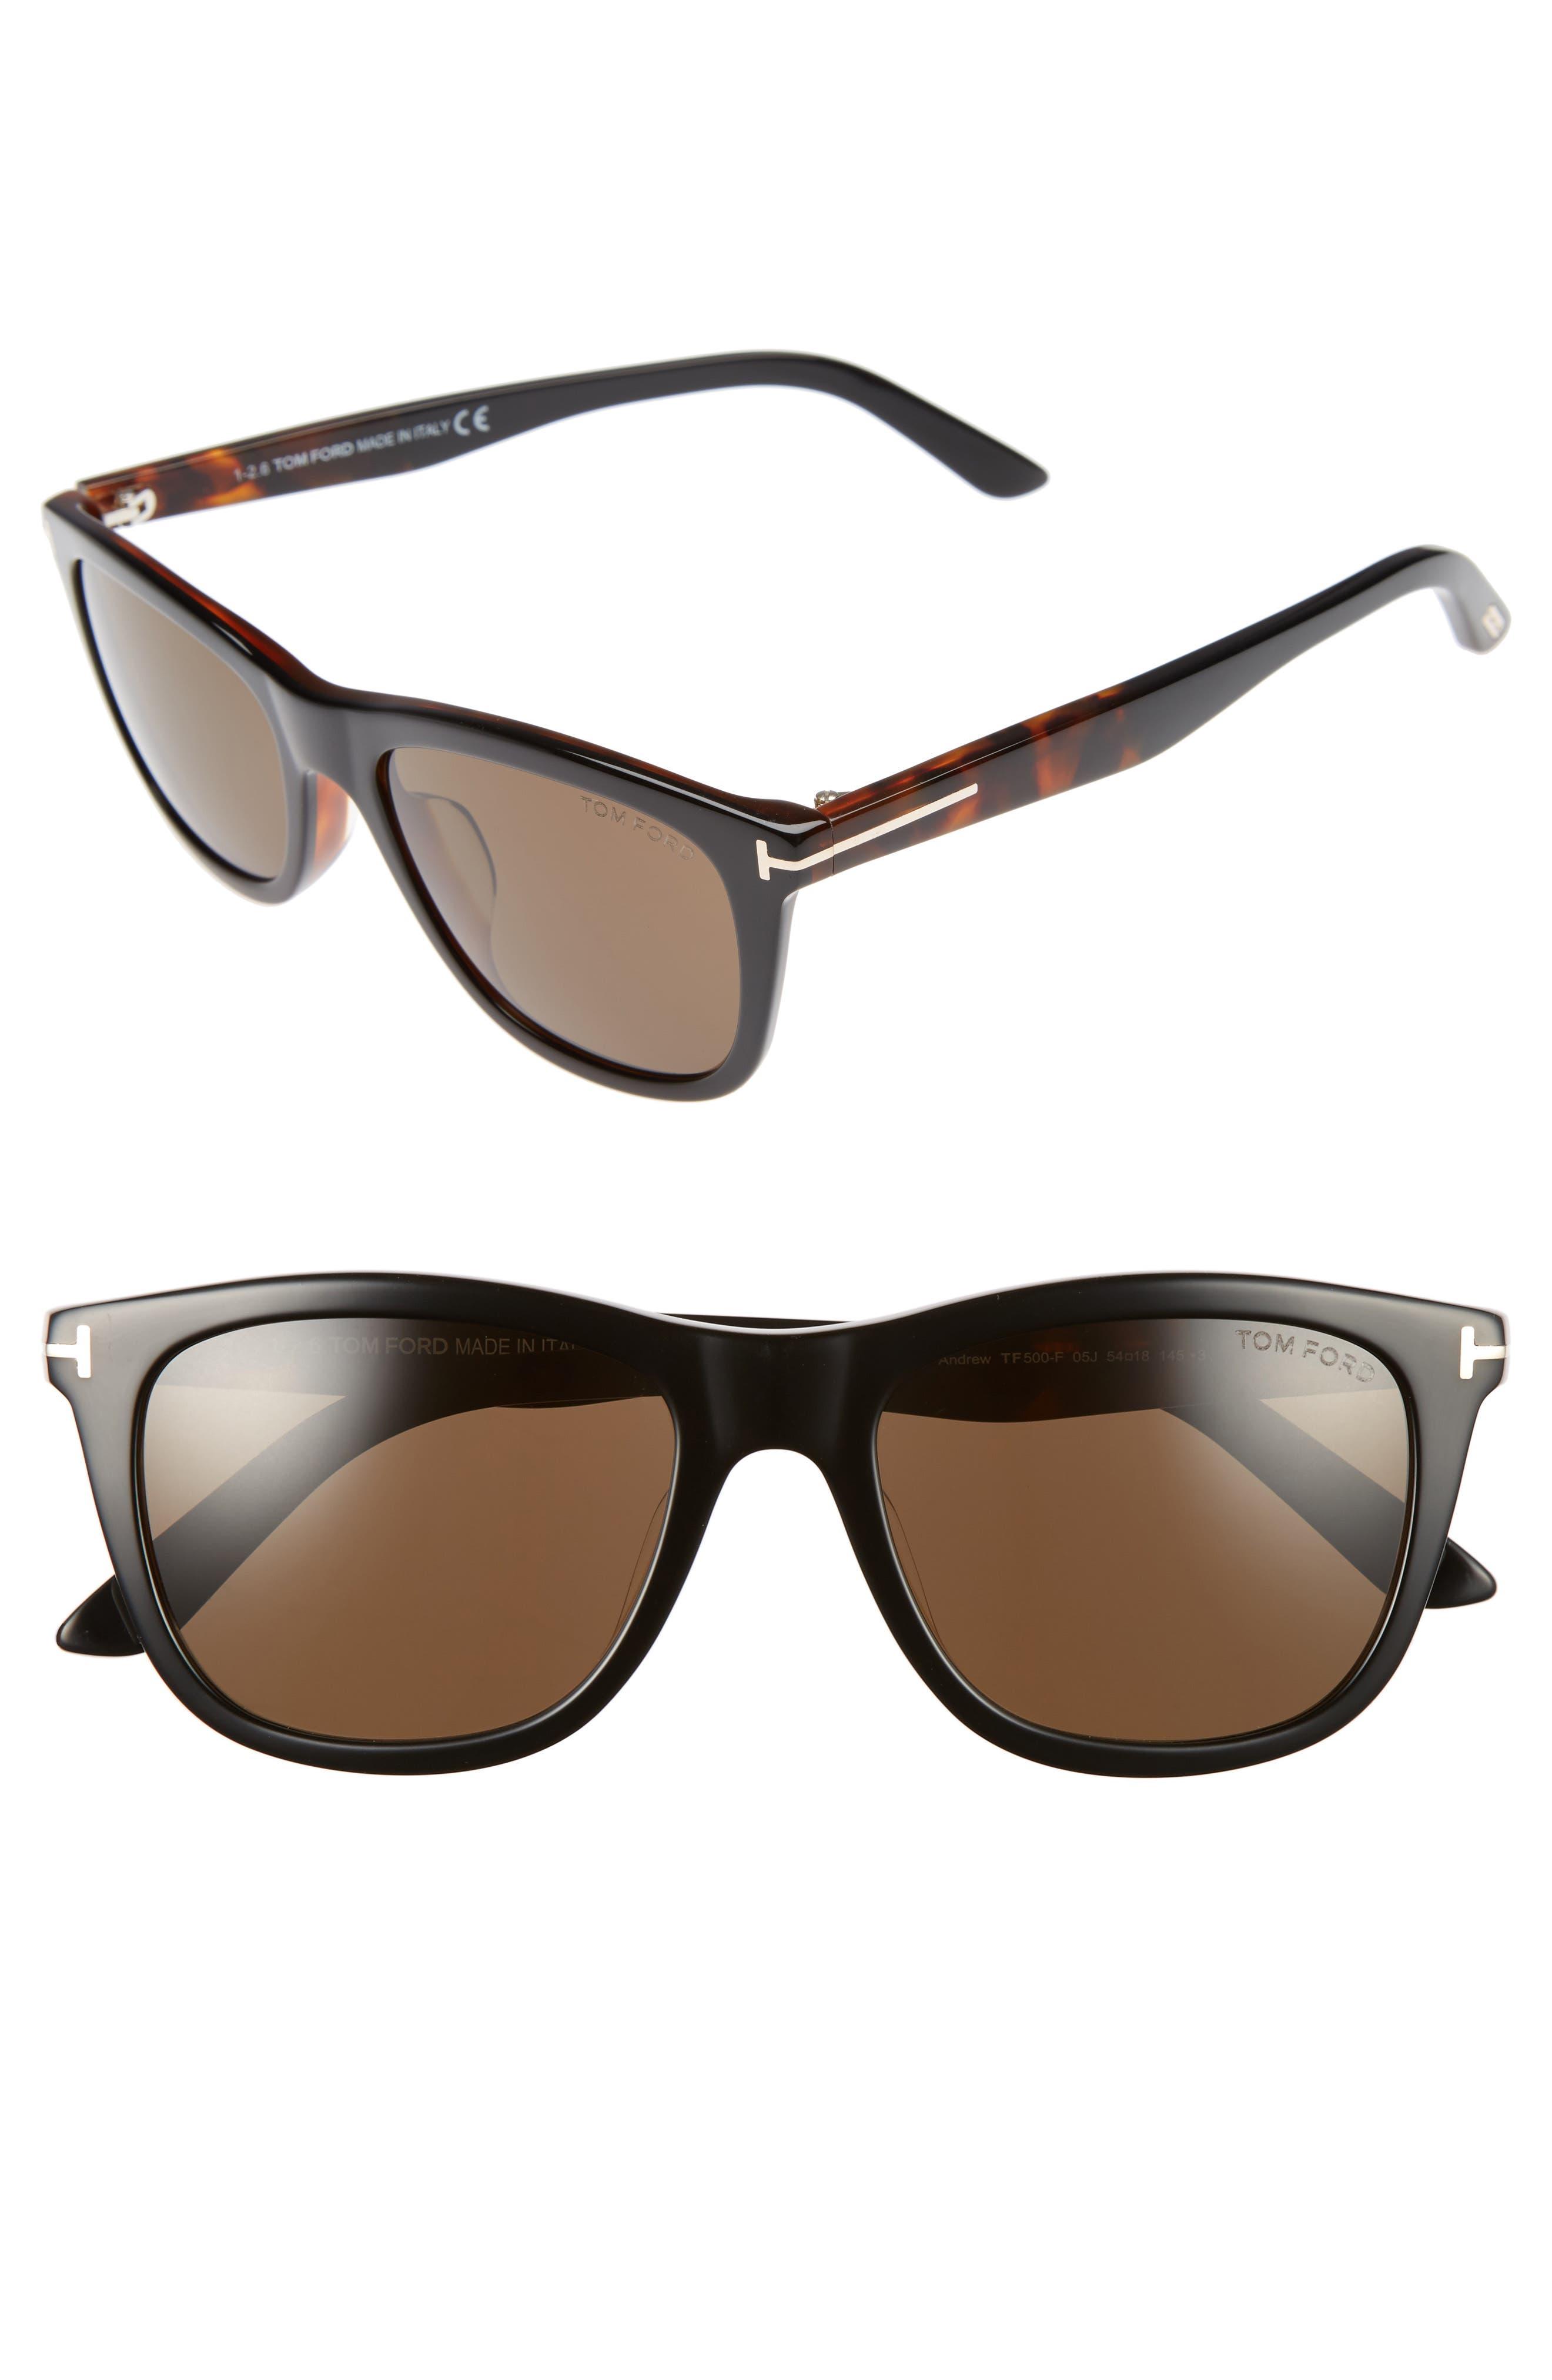 Alternate Image 1 Selected - Tom Ford Andrew 54mm Rectangular Sunglasses